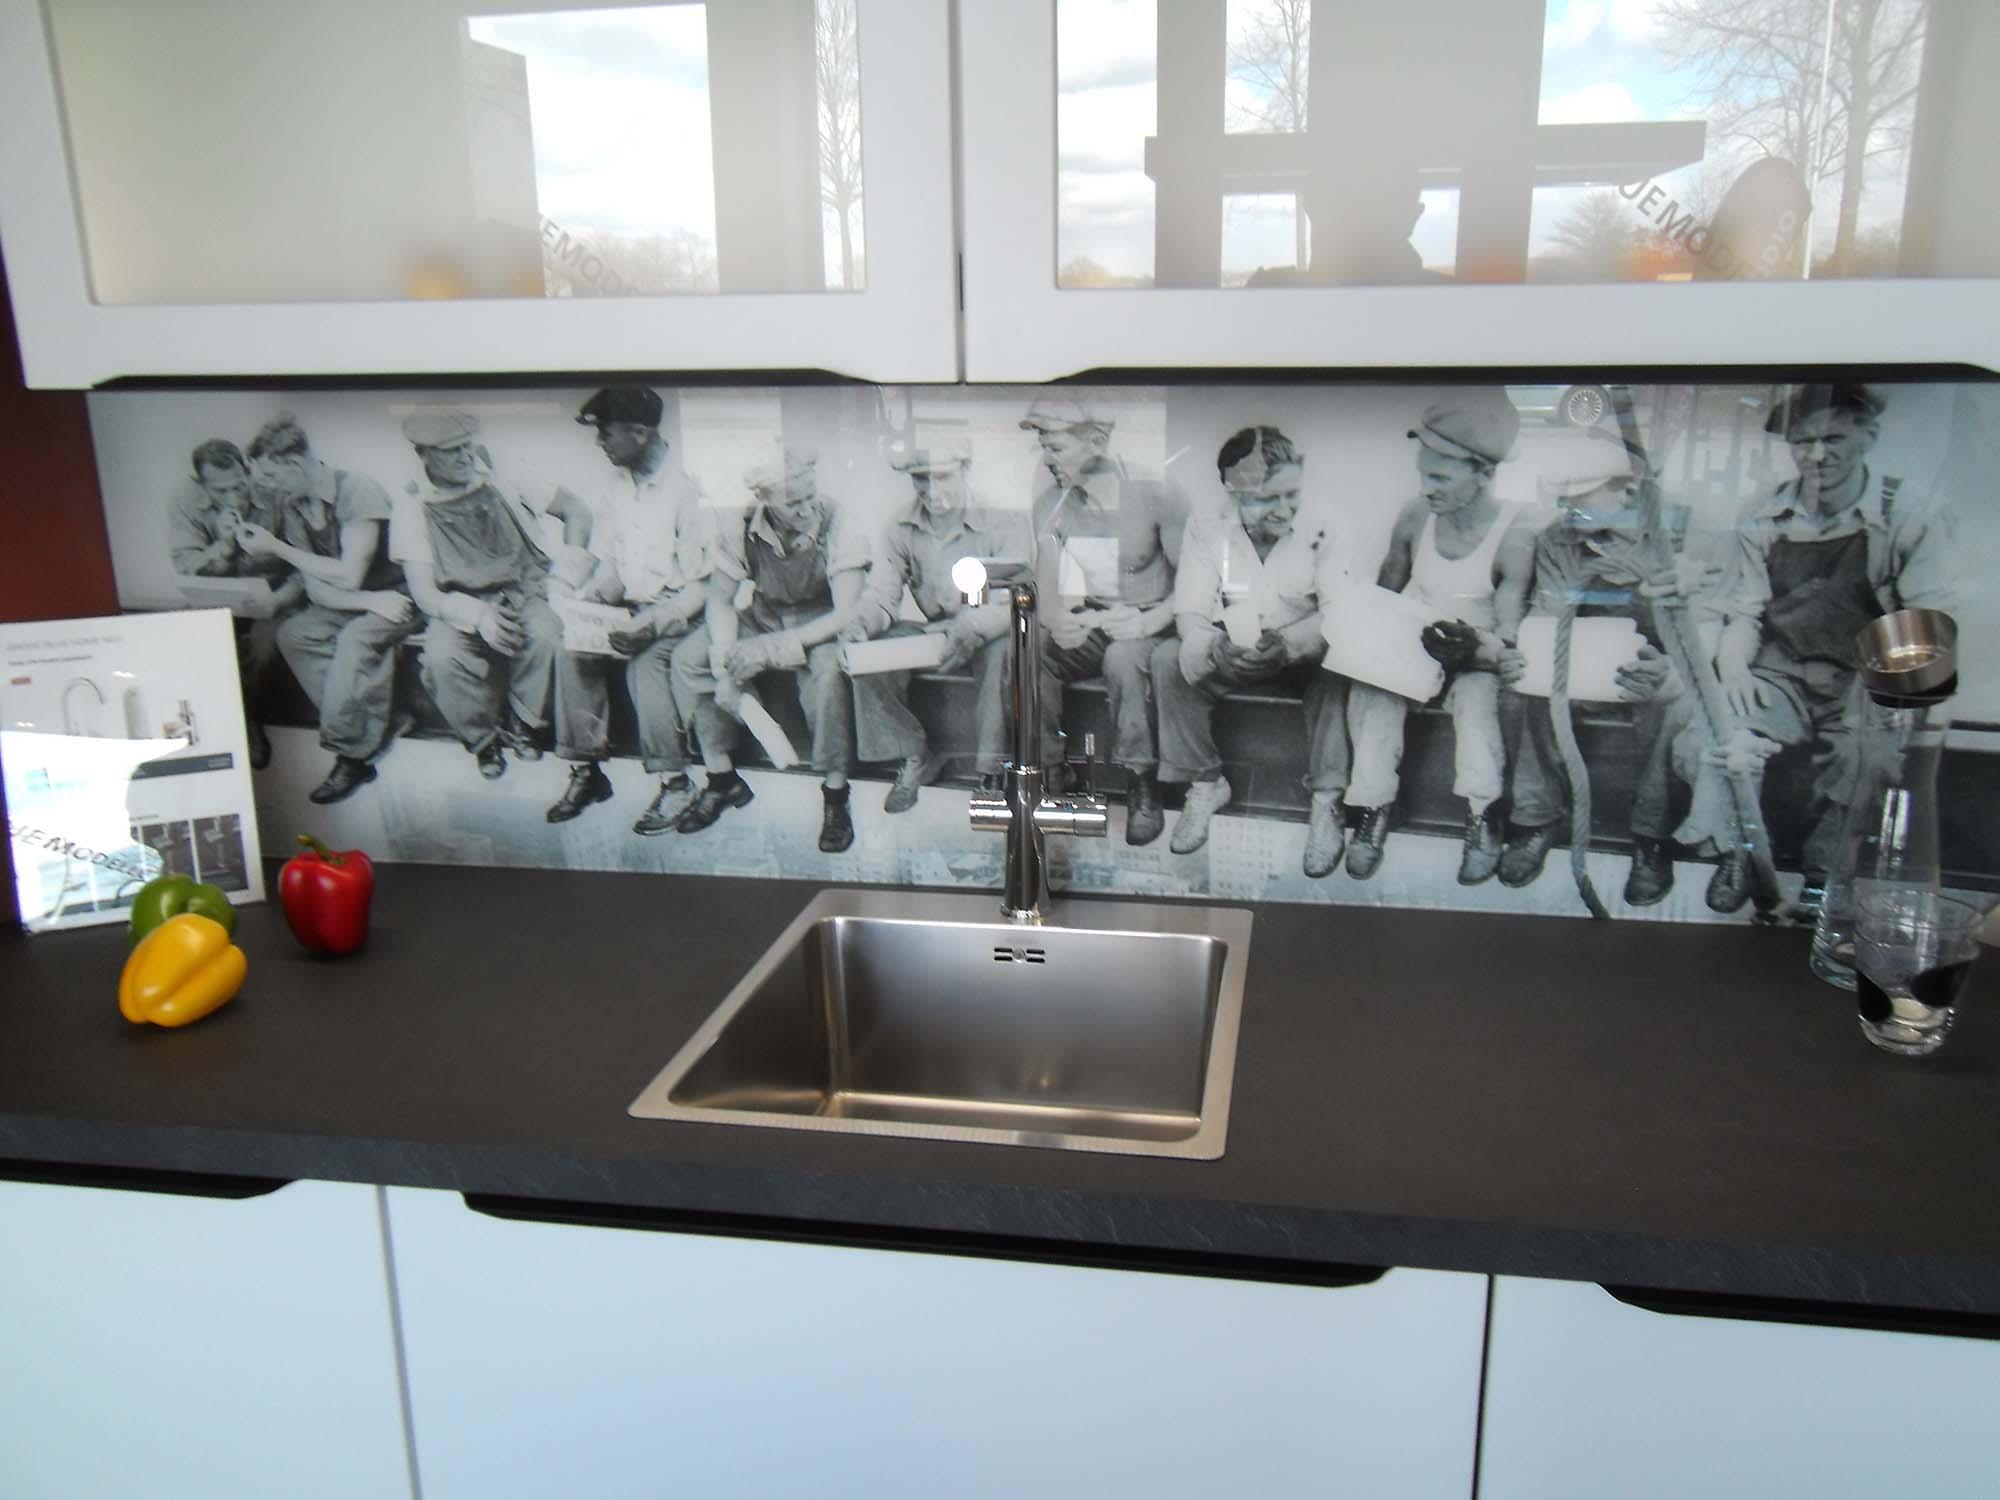 Glas-Nischenrückwand mit Digitaldruck